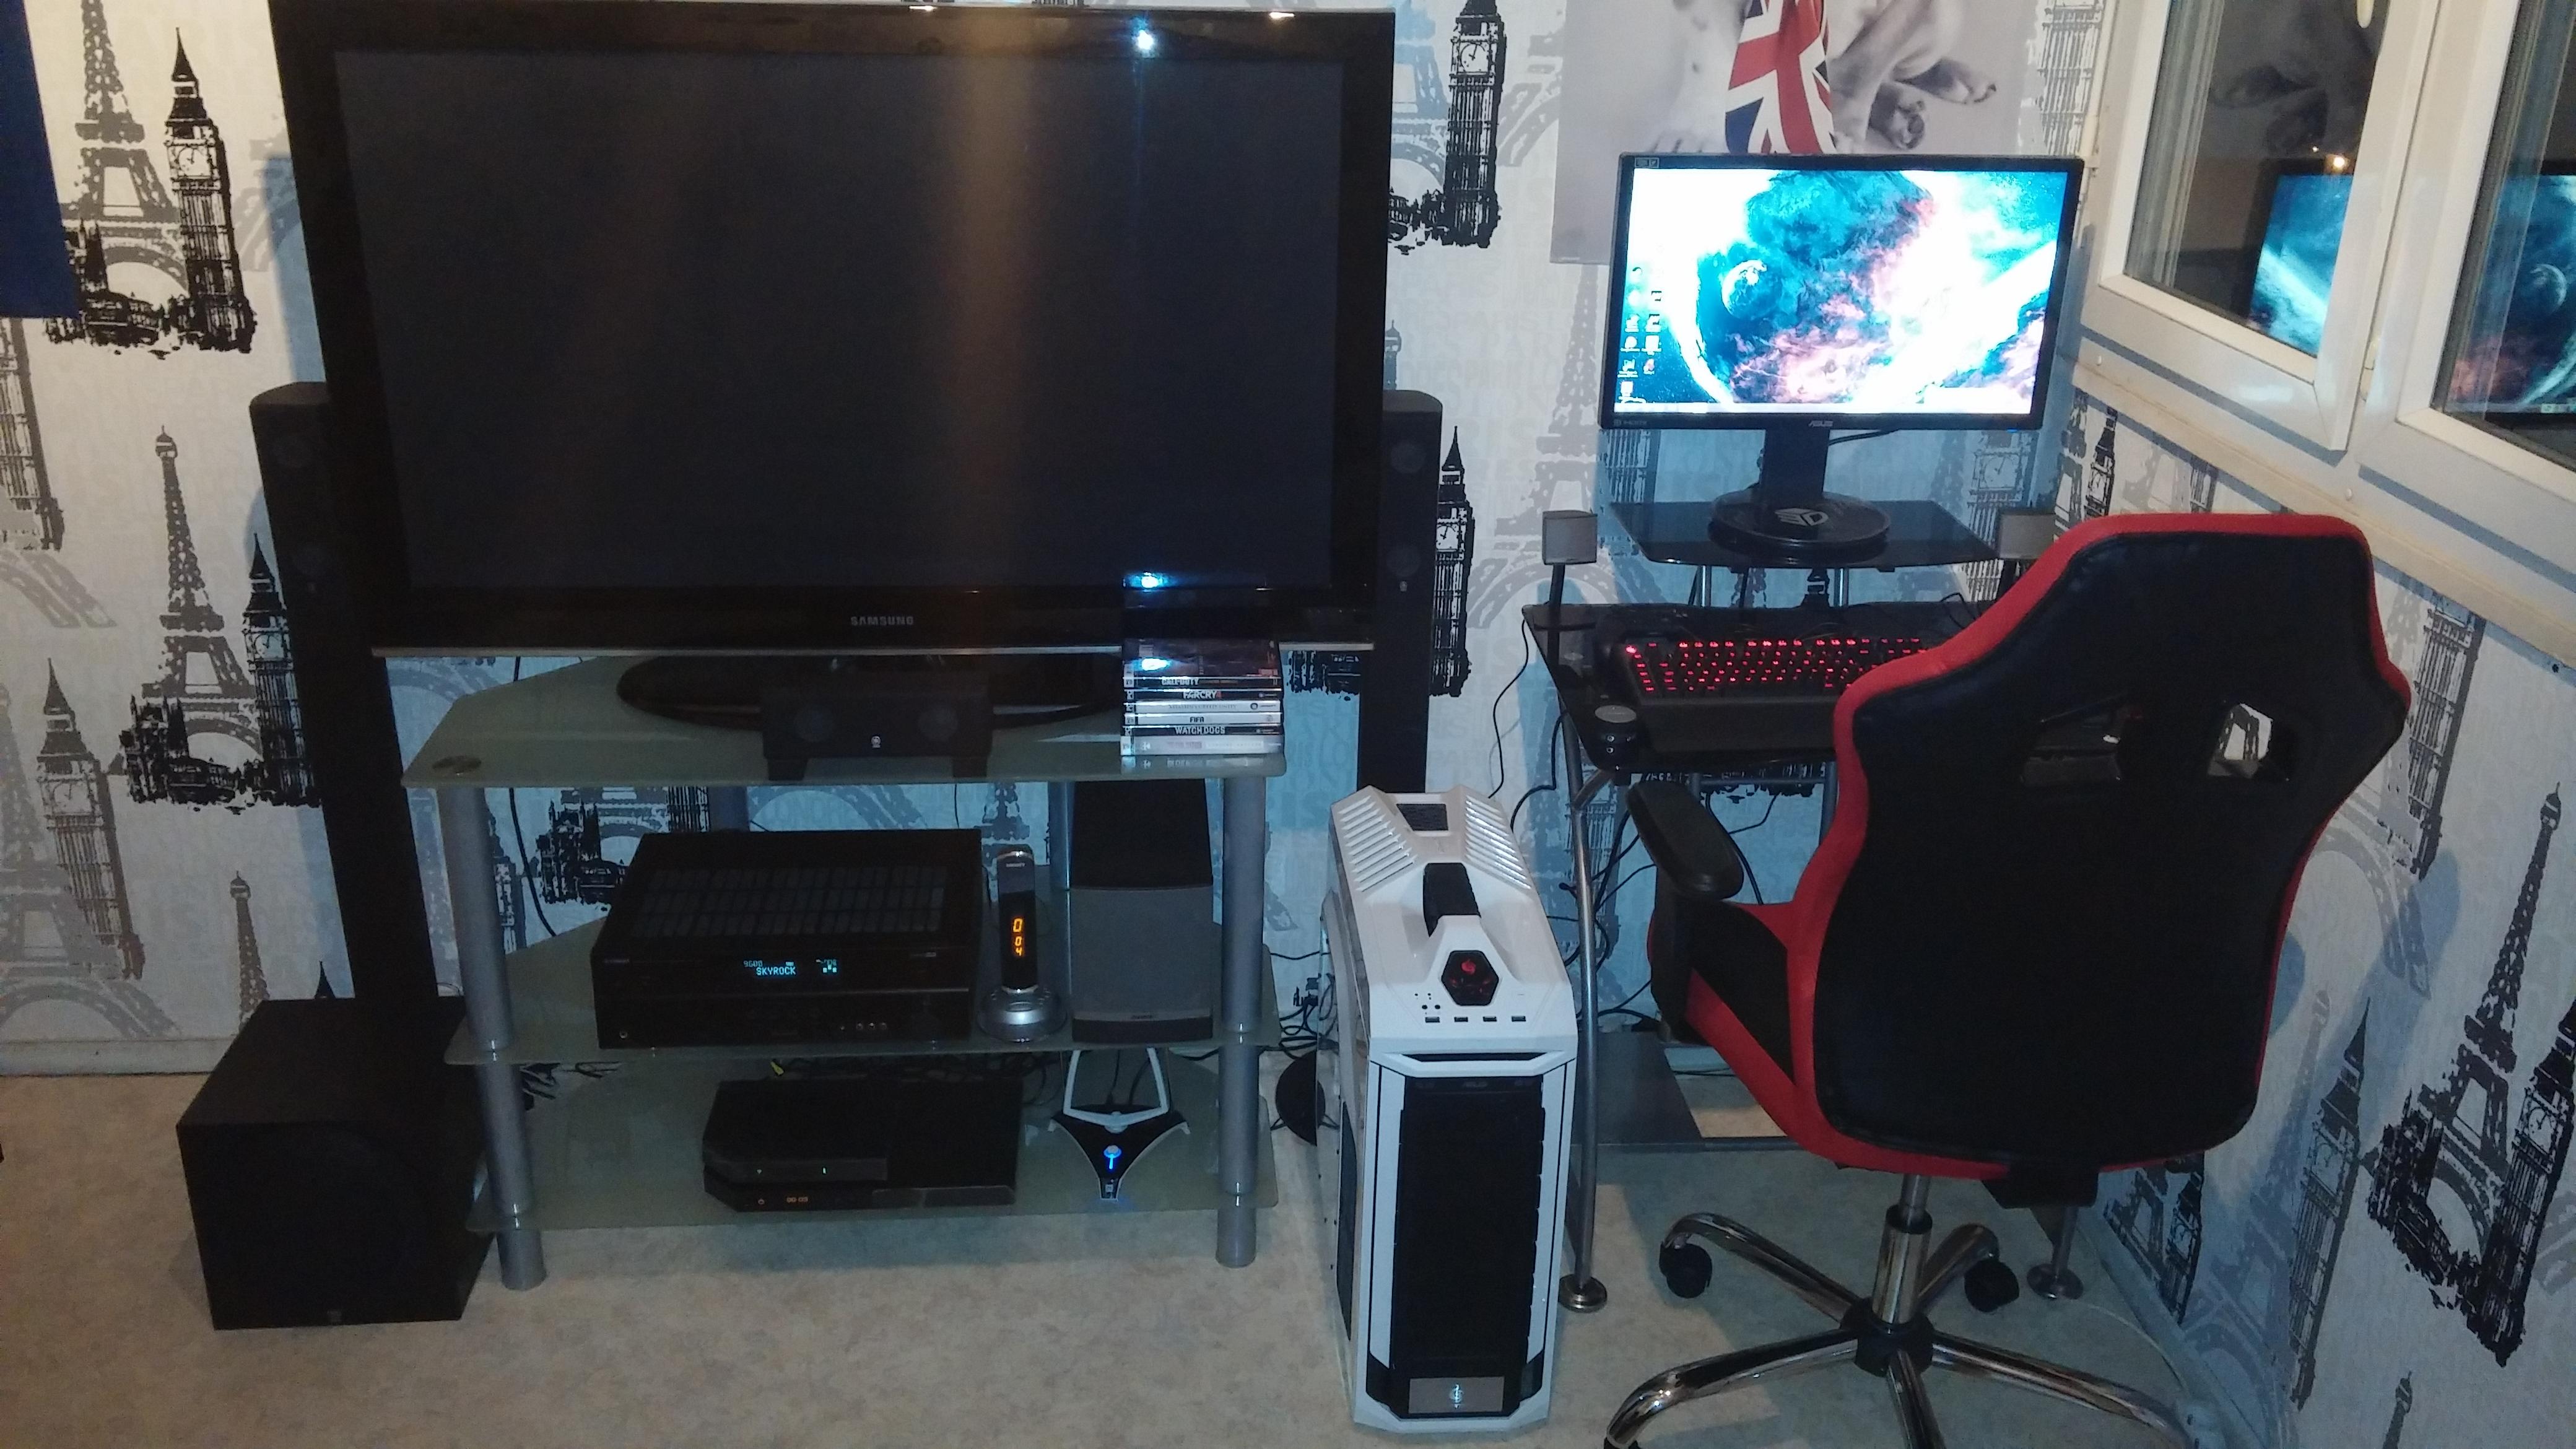 j 39 aimerais changer mon installation gaming besoin de vous s 39 il vous pla t sur le forum. Black Bedroom Furniture Sets. Home Design Ideas